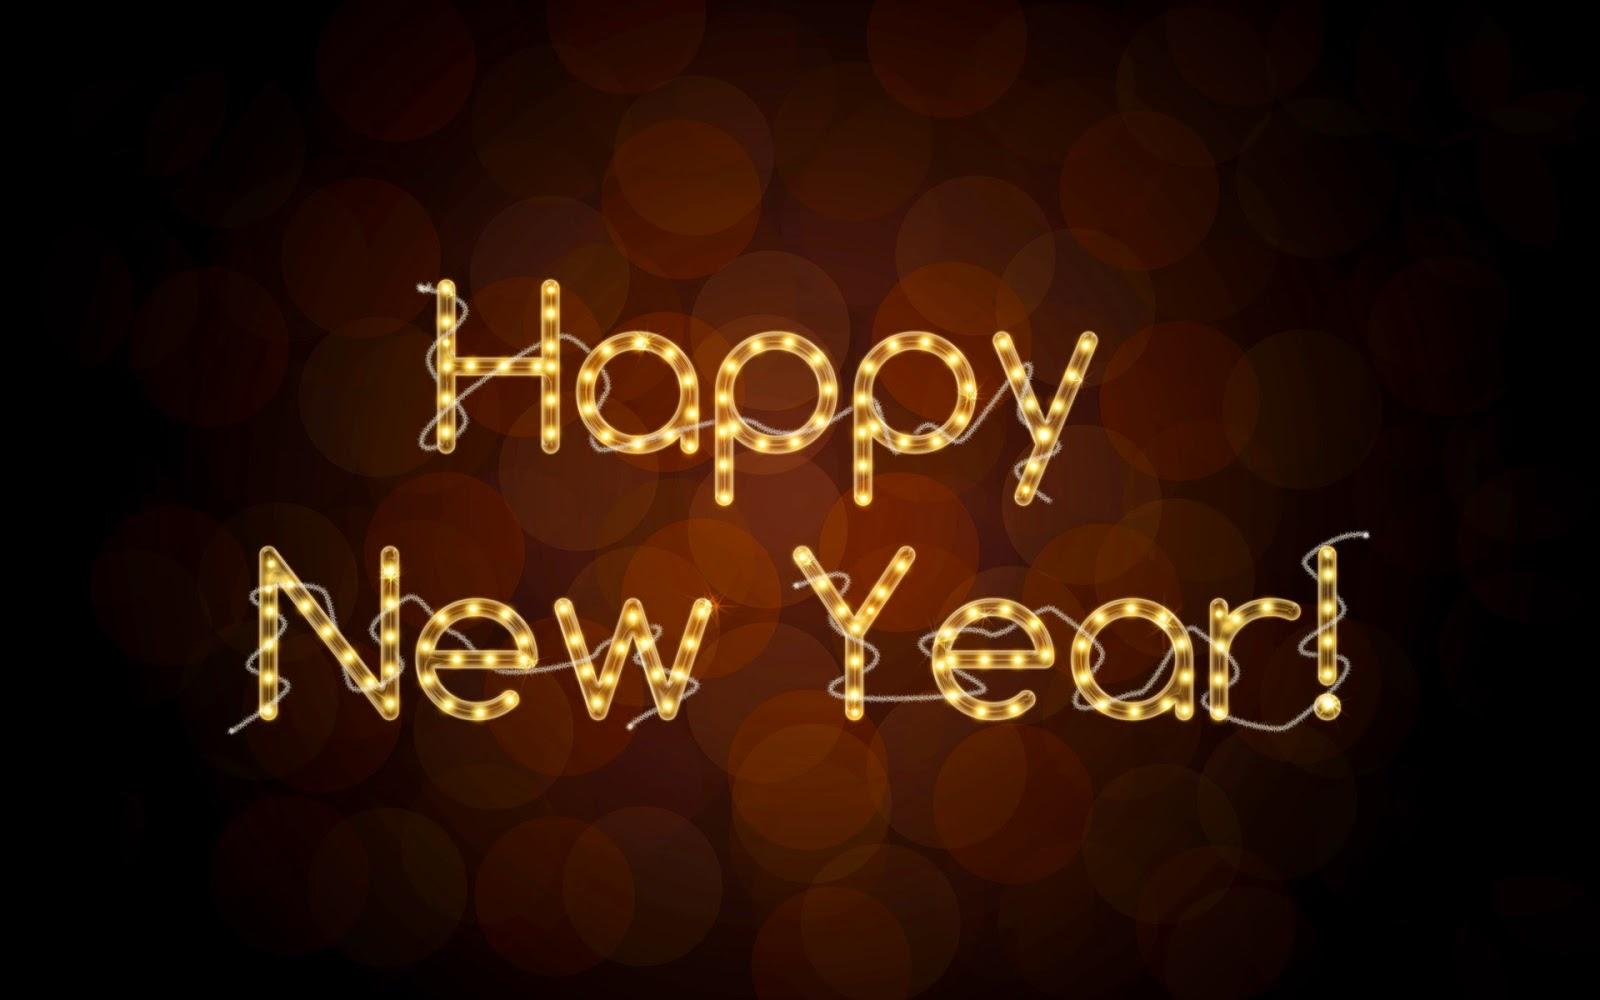 بالصور صور تهنئة بمناسبة السنة الجديدة 8d3c7eb51ea660ec77987478f2f36be2